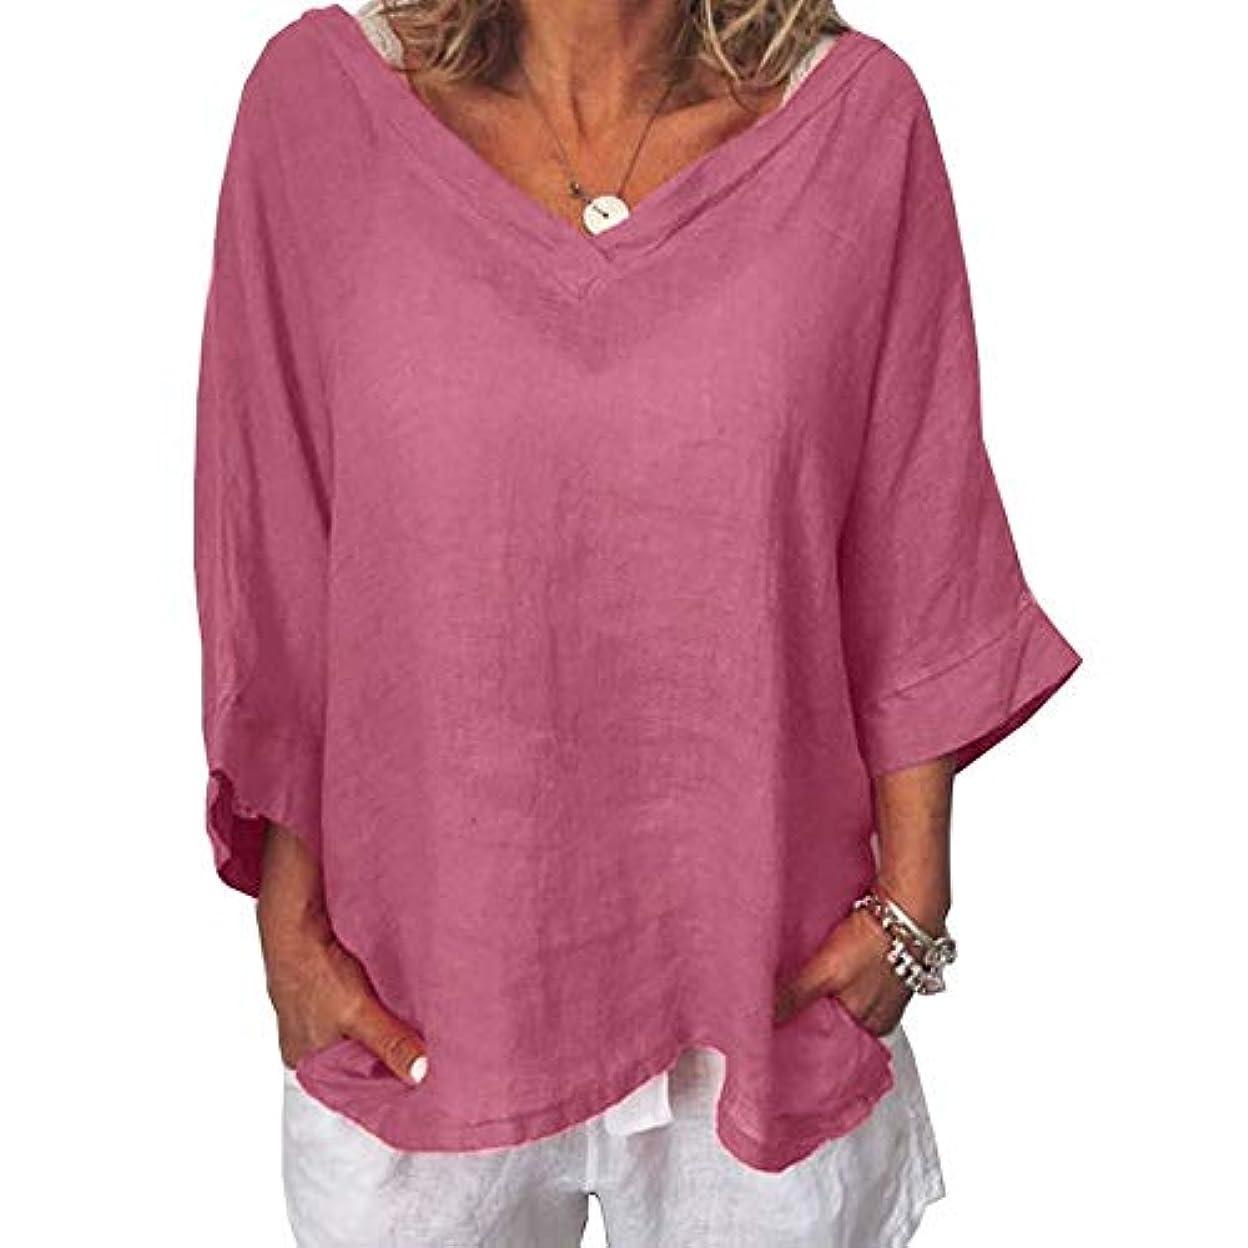 優れた所持創傷MIFAN女性ファッションカジュアルVネックトップス無地長袖Tシャツルーズボヘミアンビーチウェア